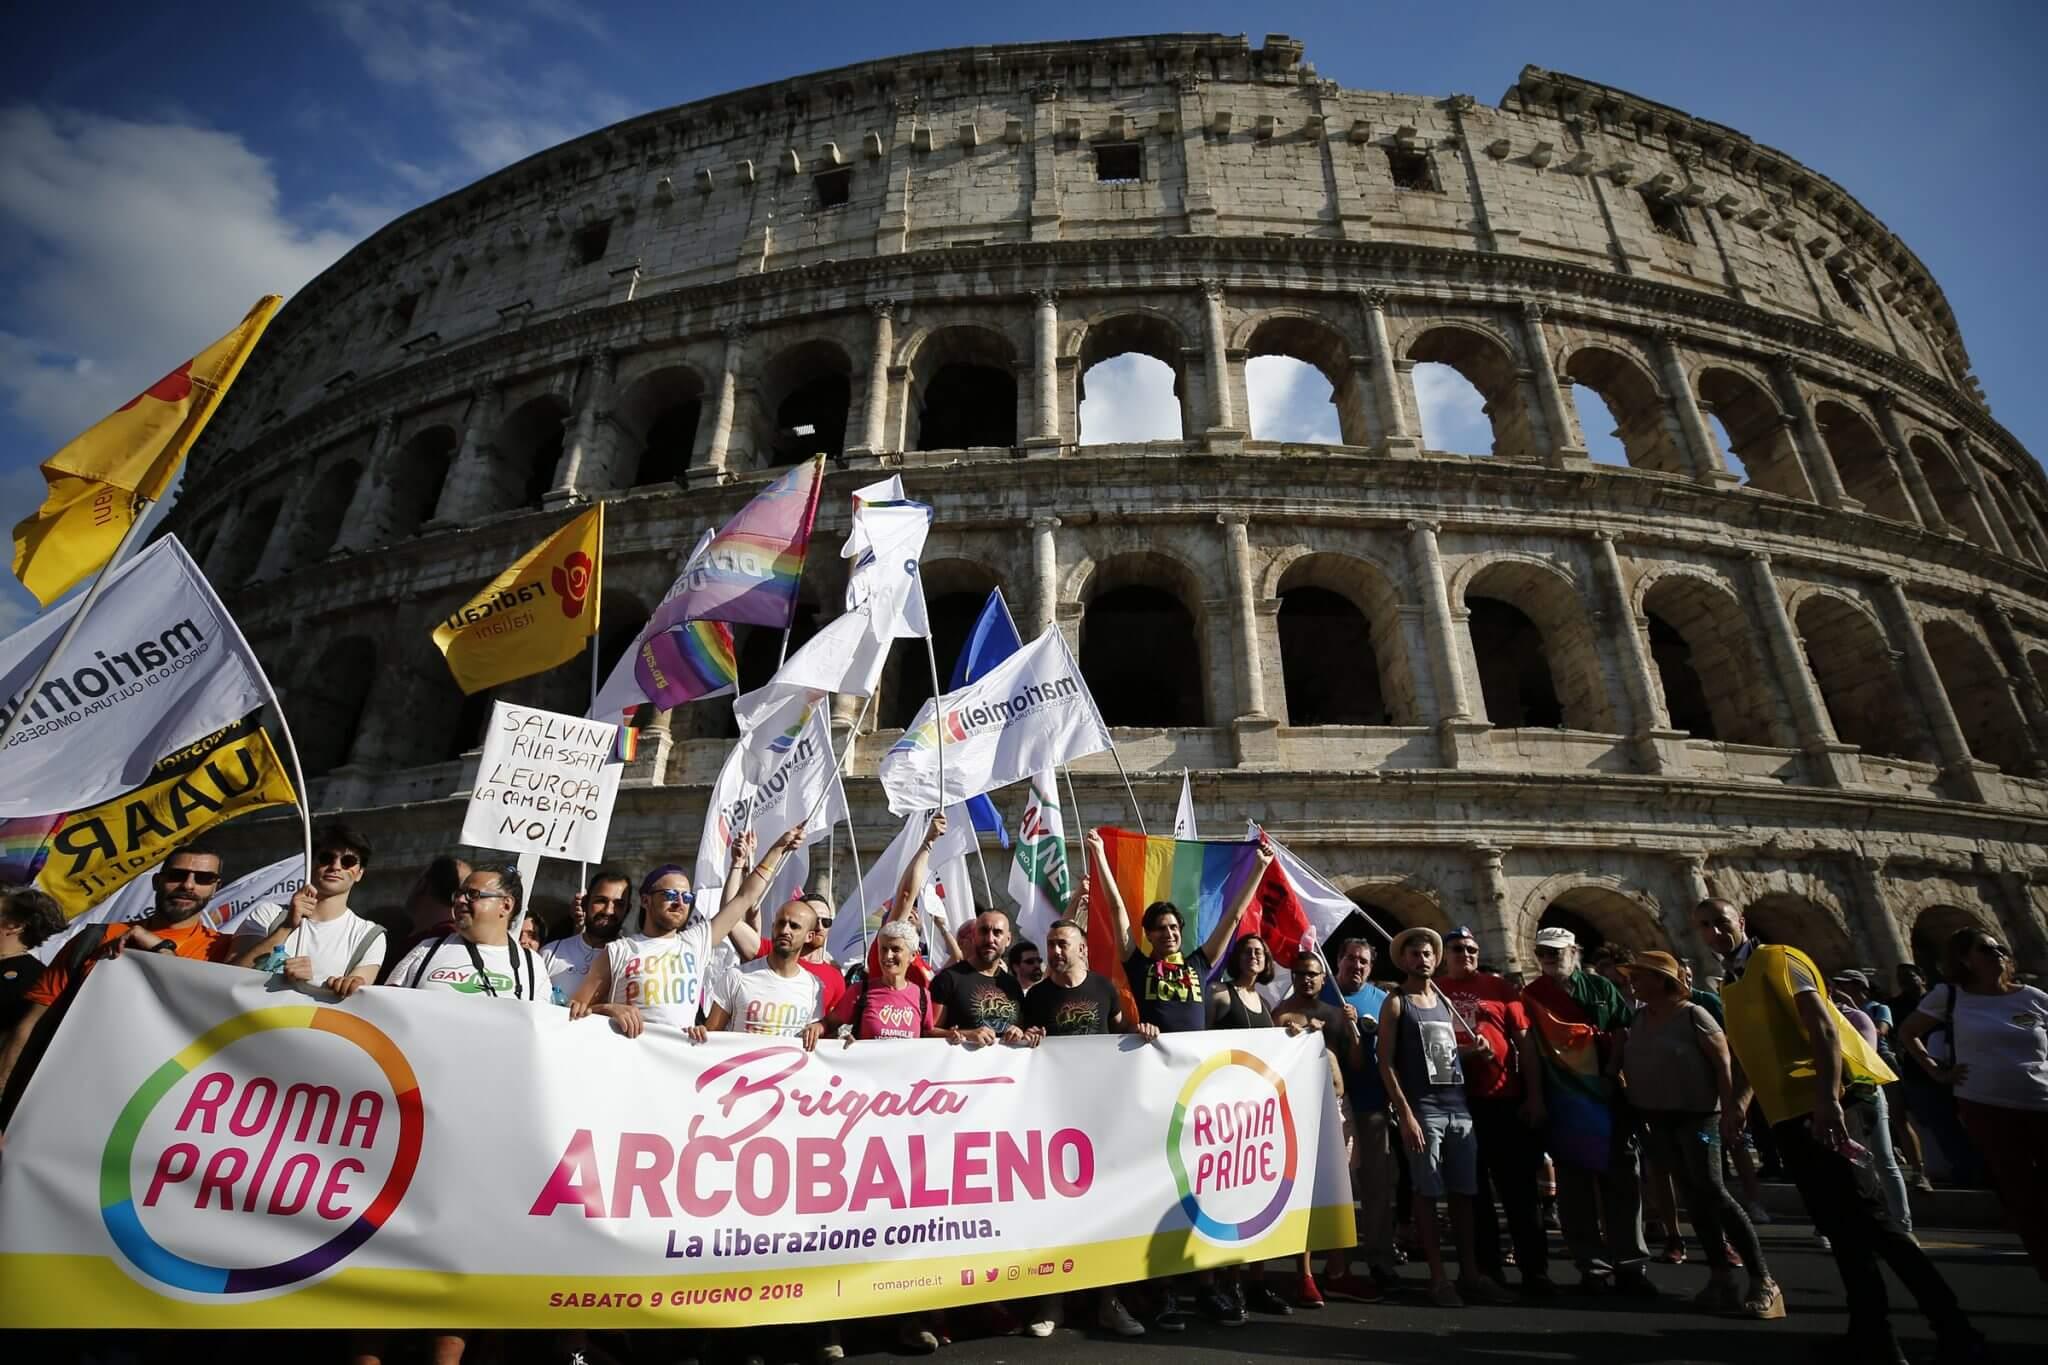 roma pride brigata arcobaleno